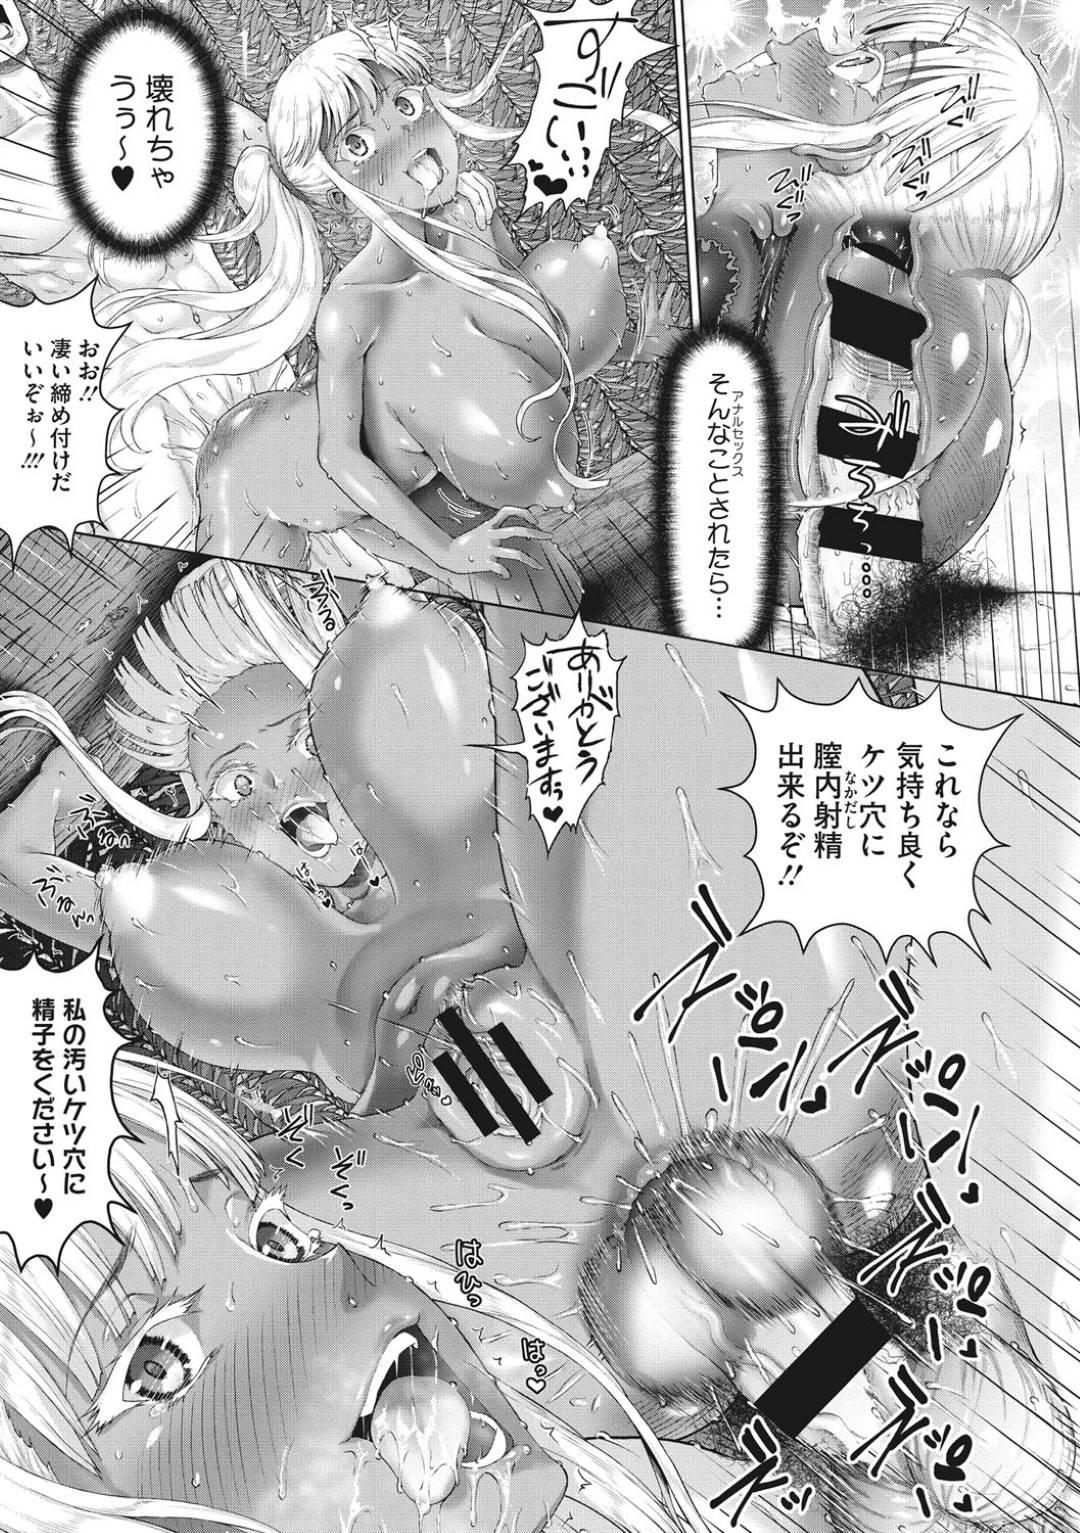 【エロ漫画】デート中に無人島に流されてしまった巨乳お嬢様…お見合い相手の男にレイプされ処女を奪われてしまったが初めて他人に叱られ意識が変わる!【ニム:ロイヤルお嬢様と遭難!無人島生活 後編】